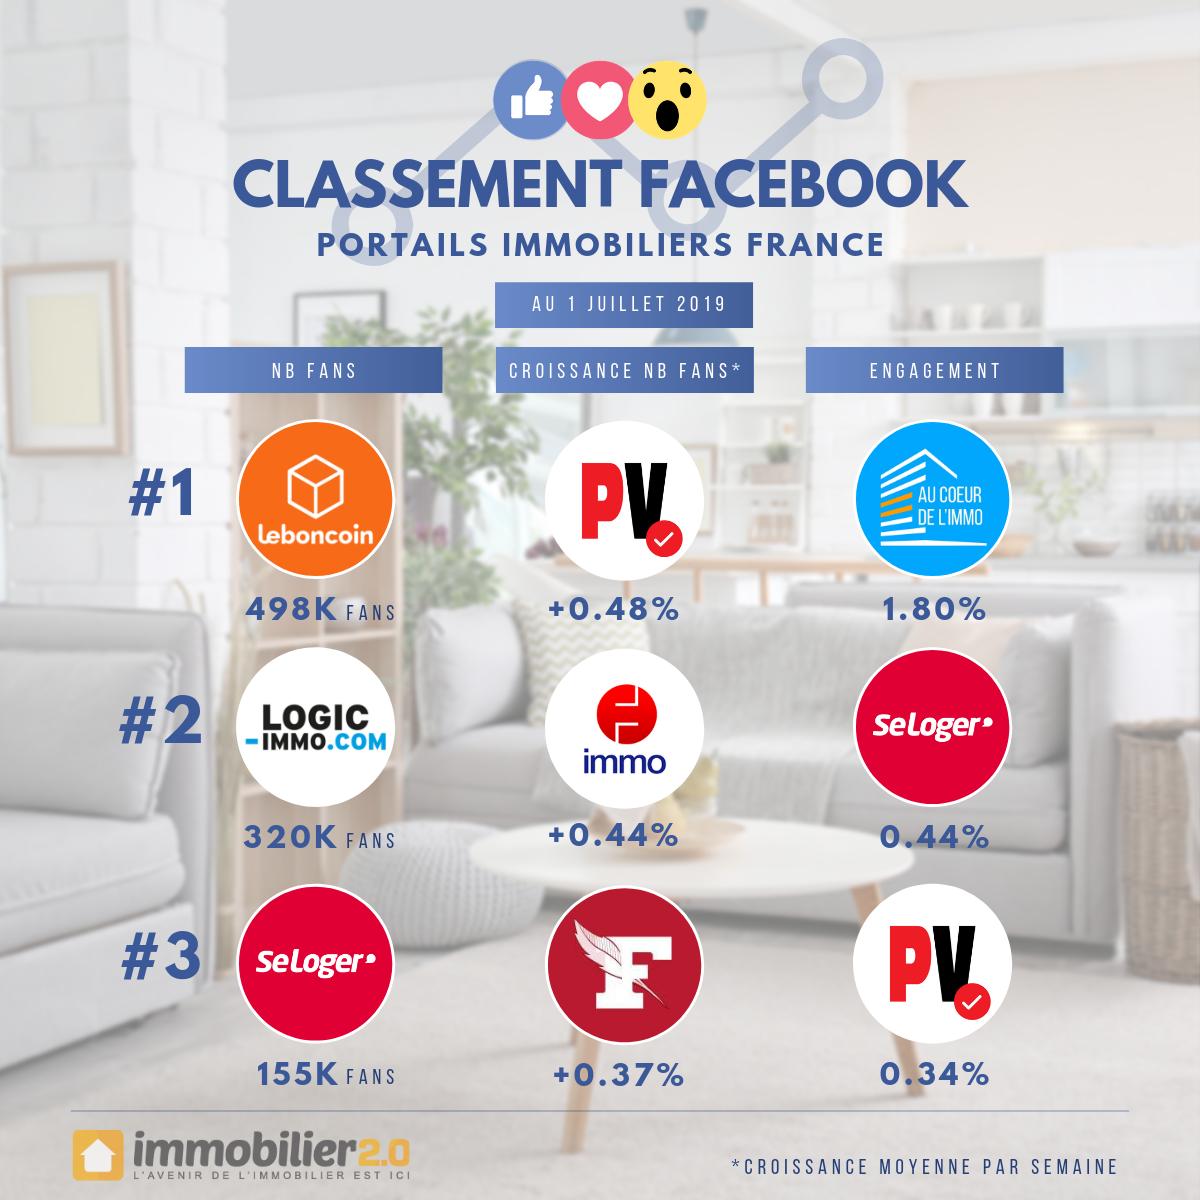 Classement Facebook Portails Immobiliers France Juillet 2019